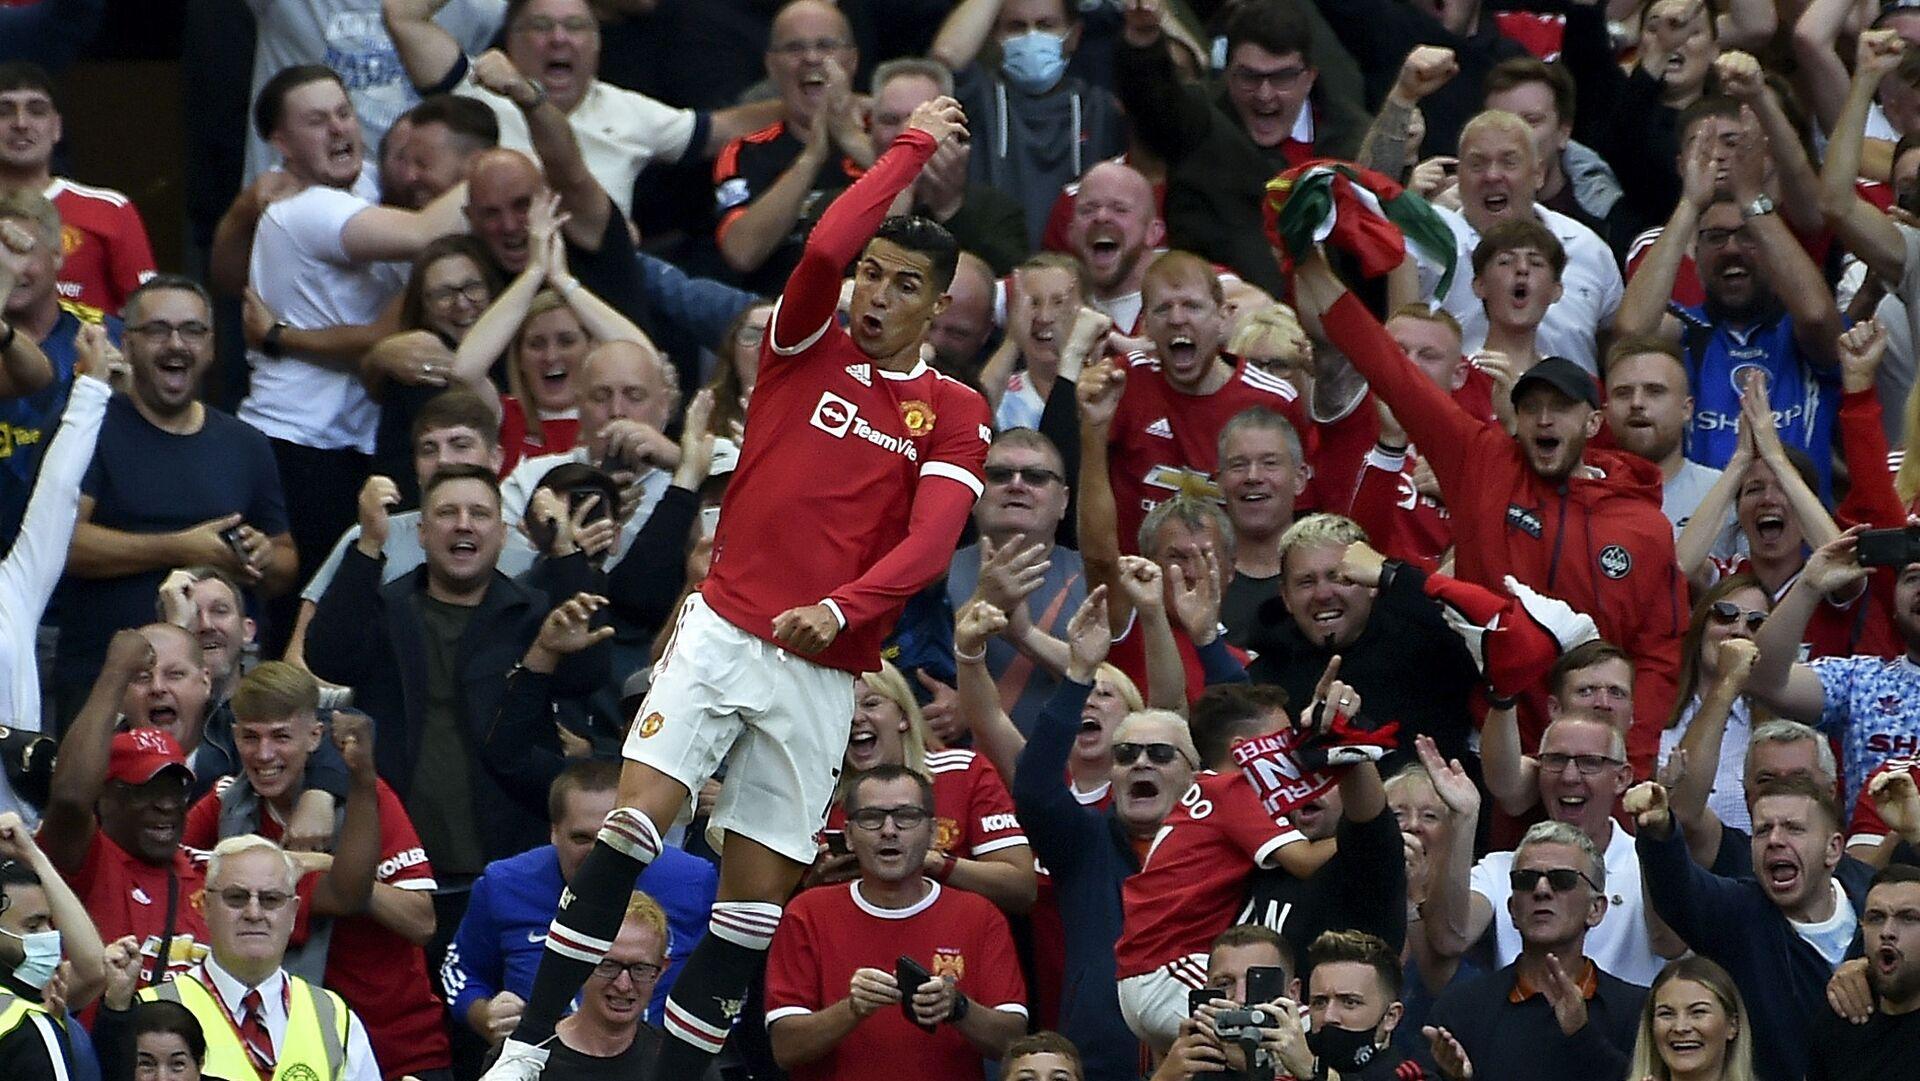 Криштиану Роналду радуется забитому голу во время футбольного матча на стадионе Олд Траффорд в Манчестере, Англия - Sputnik Italia, 1920, 26.09.2021